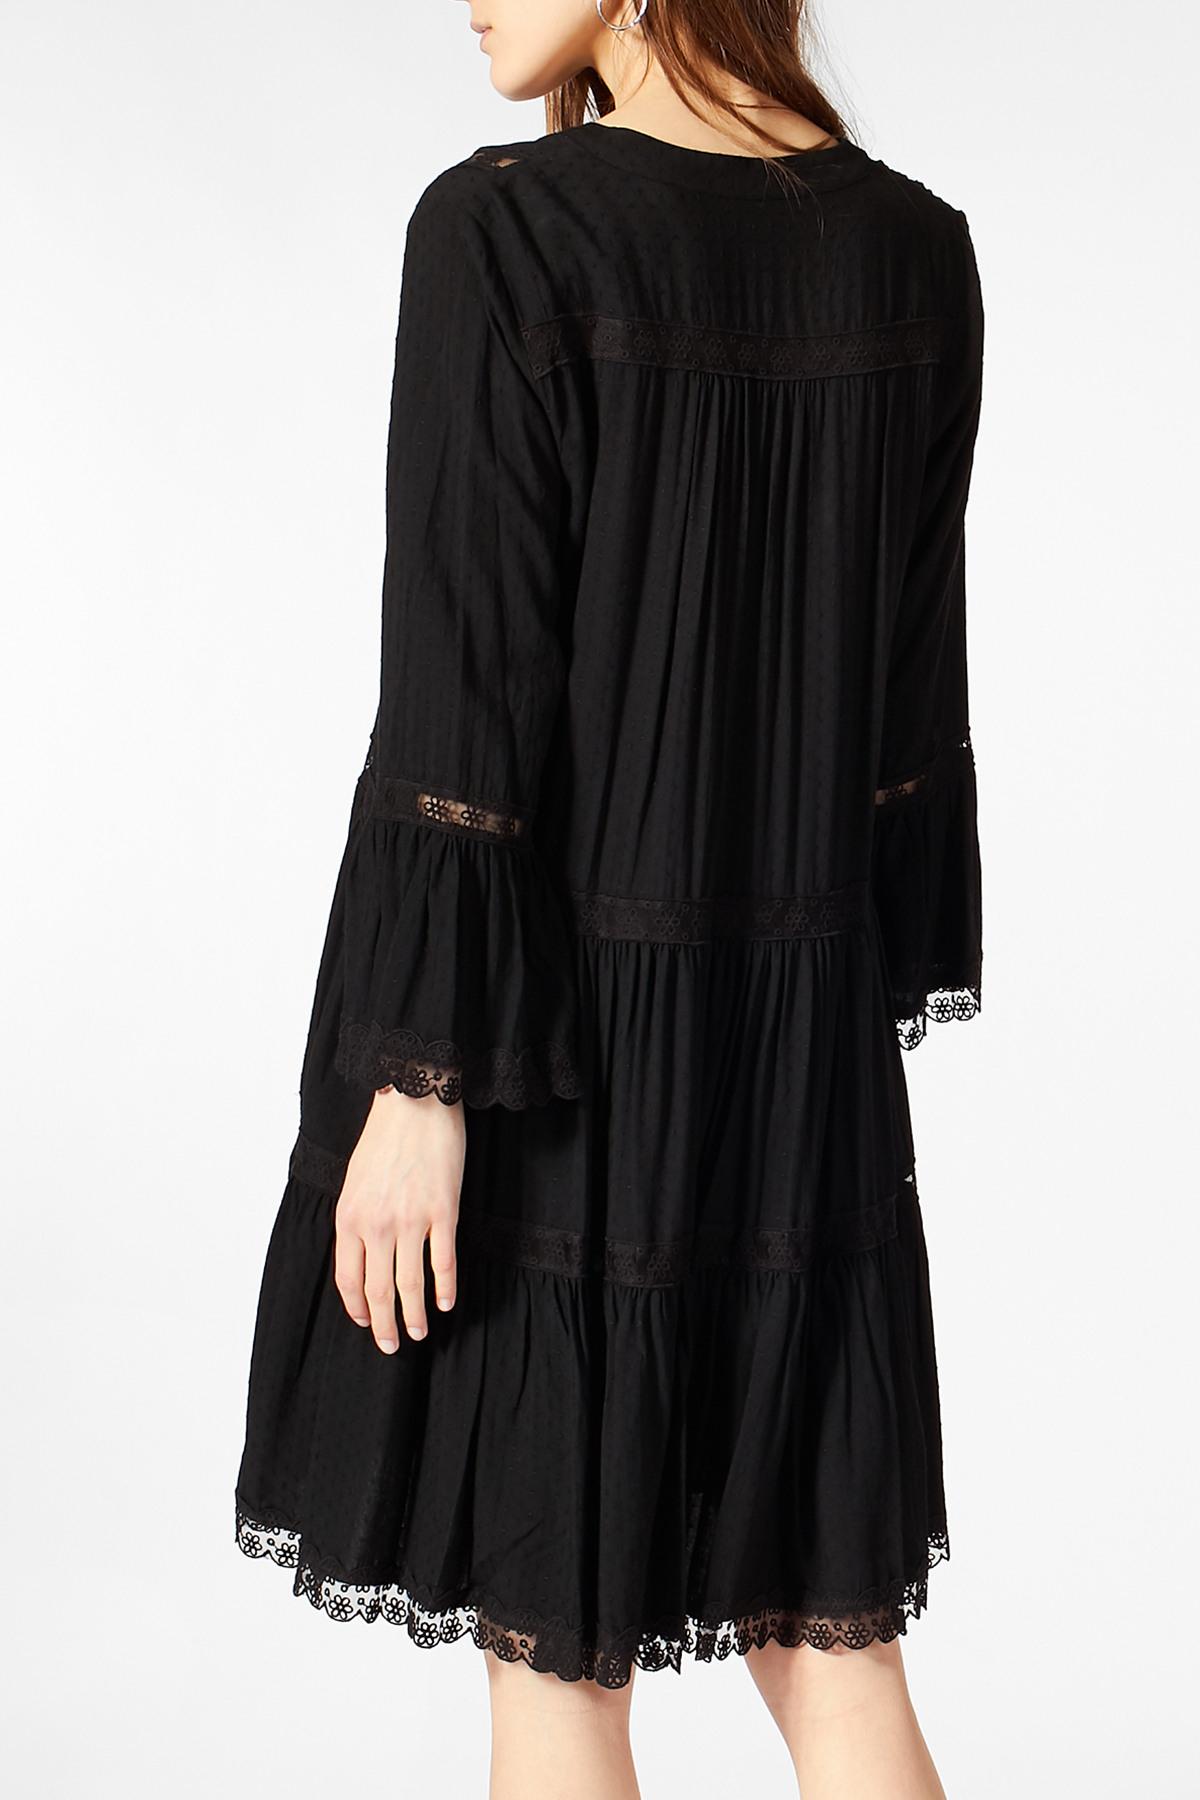 Kleid Aus Viskose  Jadicted  Myclassico